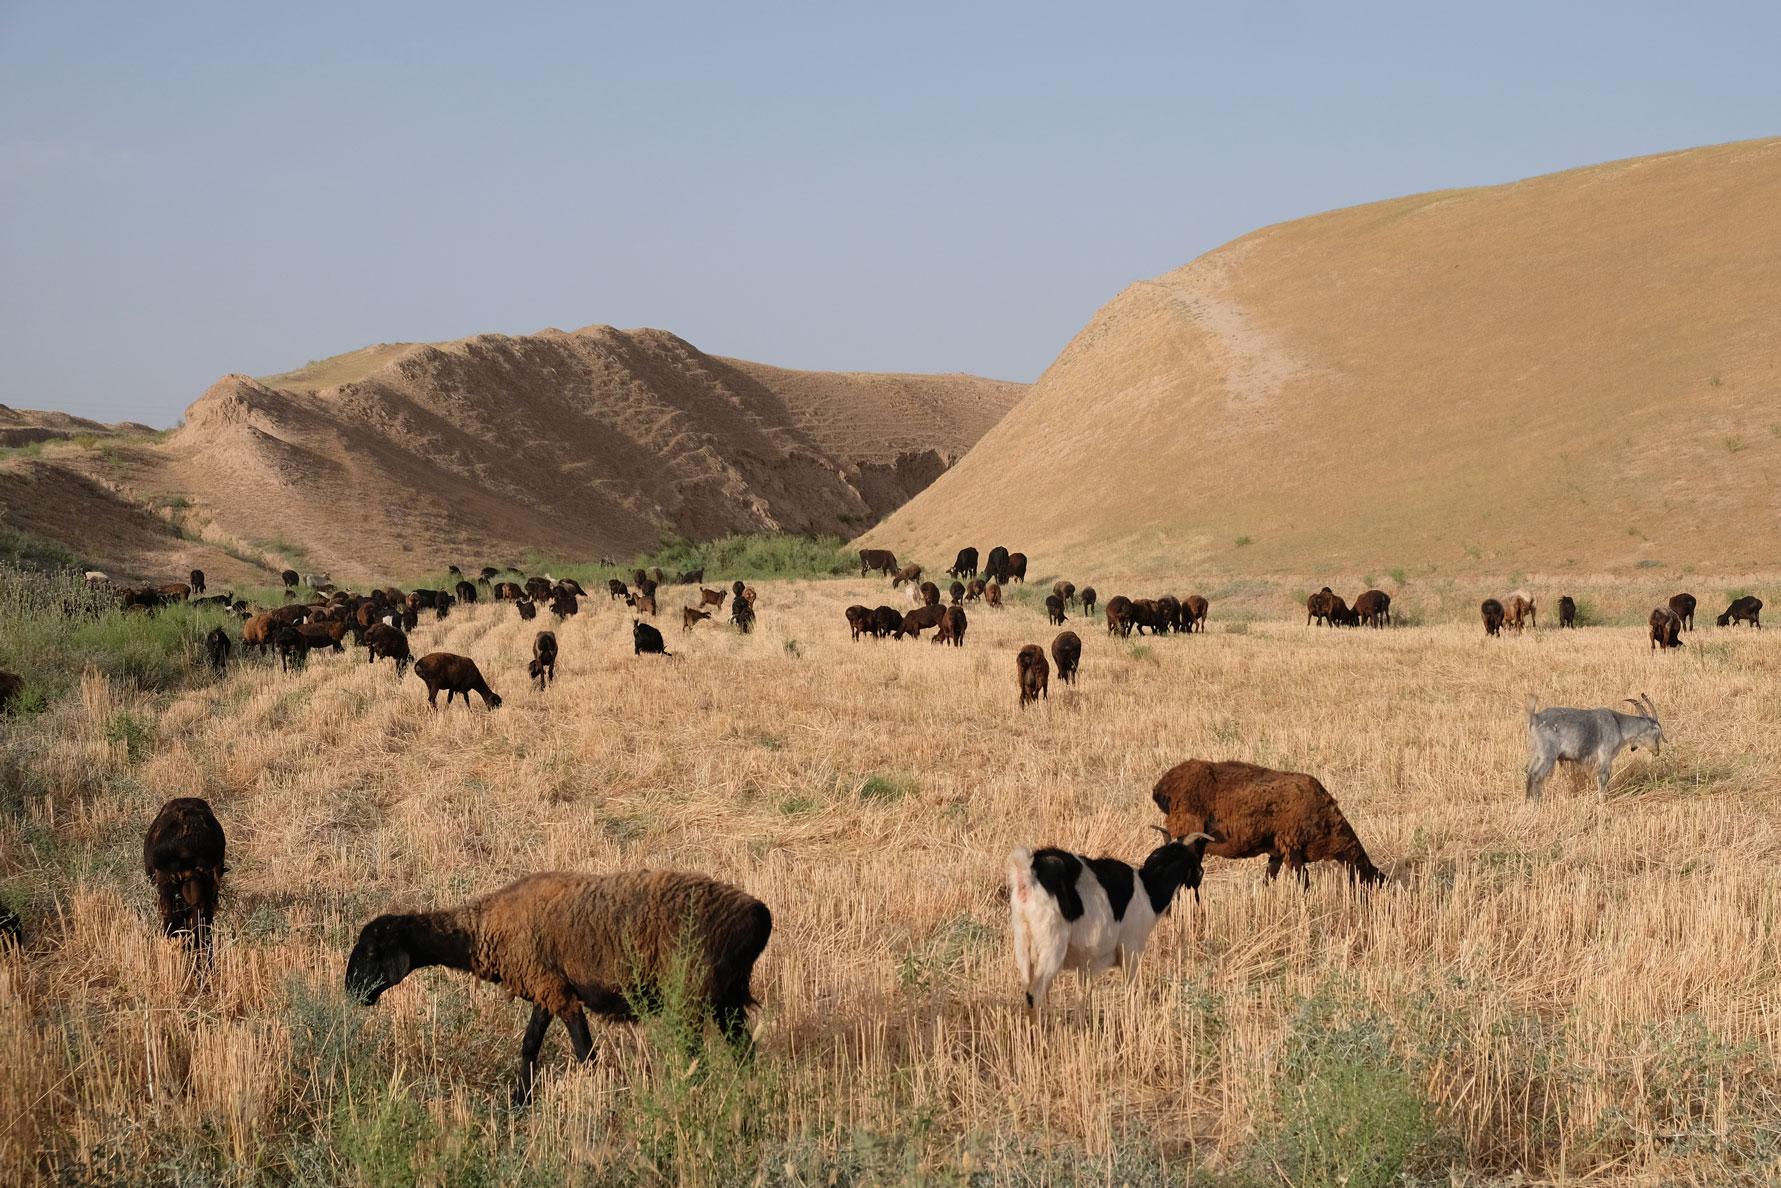 Das Nachbarfeld ist bereits abgeernet. Eine Schafherde freut sich über die liegengebliebenen Erntereste.